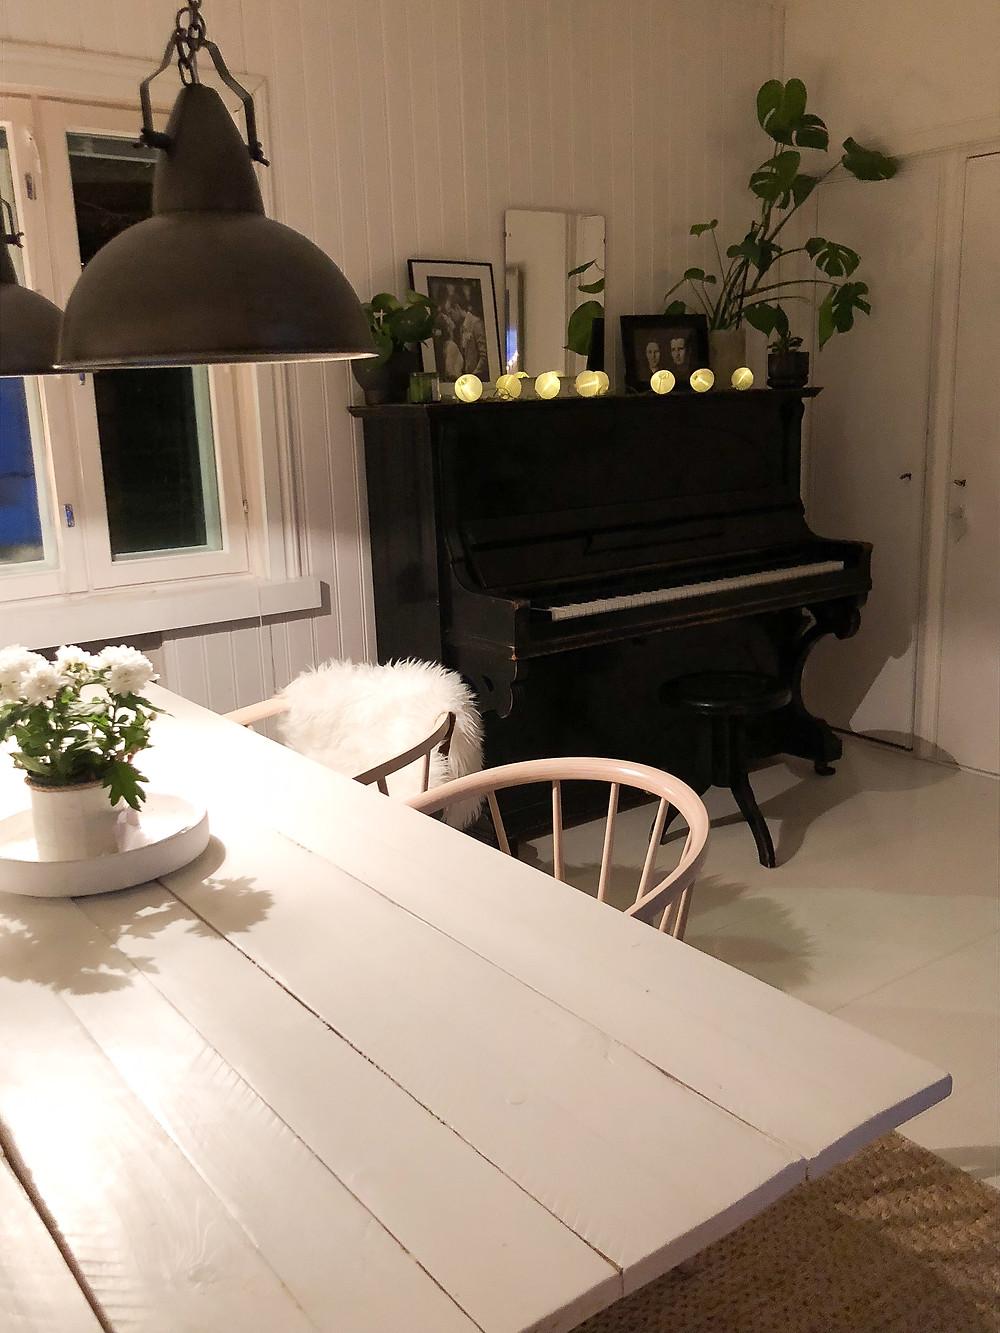 piano dining room, piano osana sisustusta, old wooden table dining room, vanha lautapöytä ruokailuhuoneessa